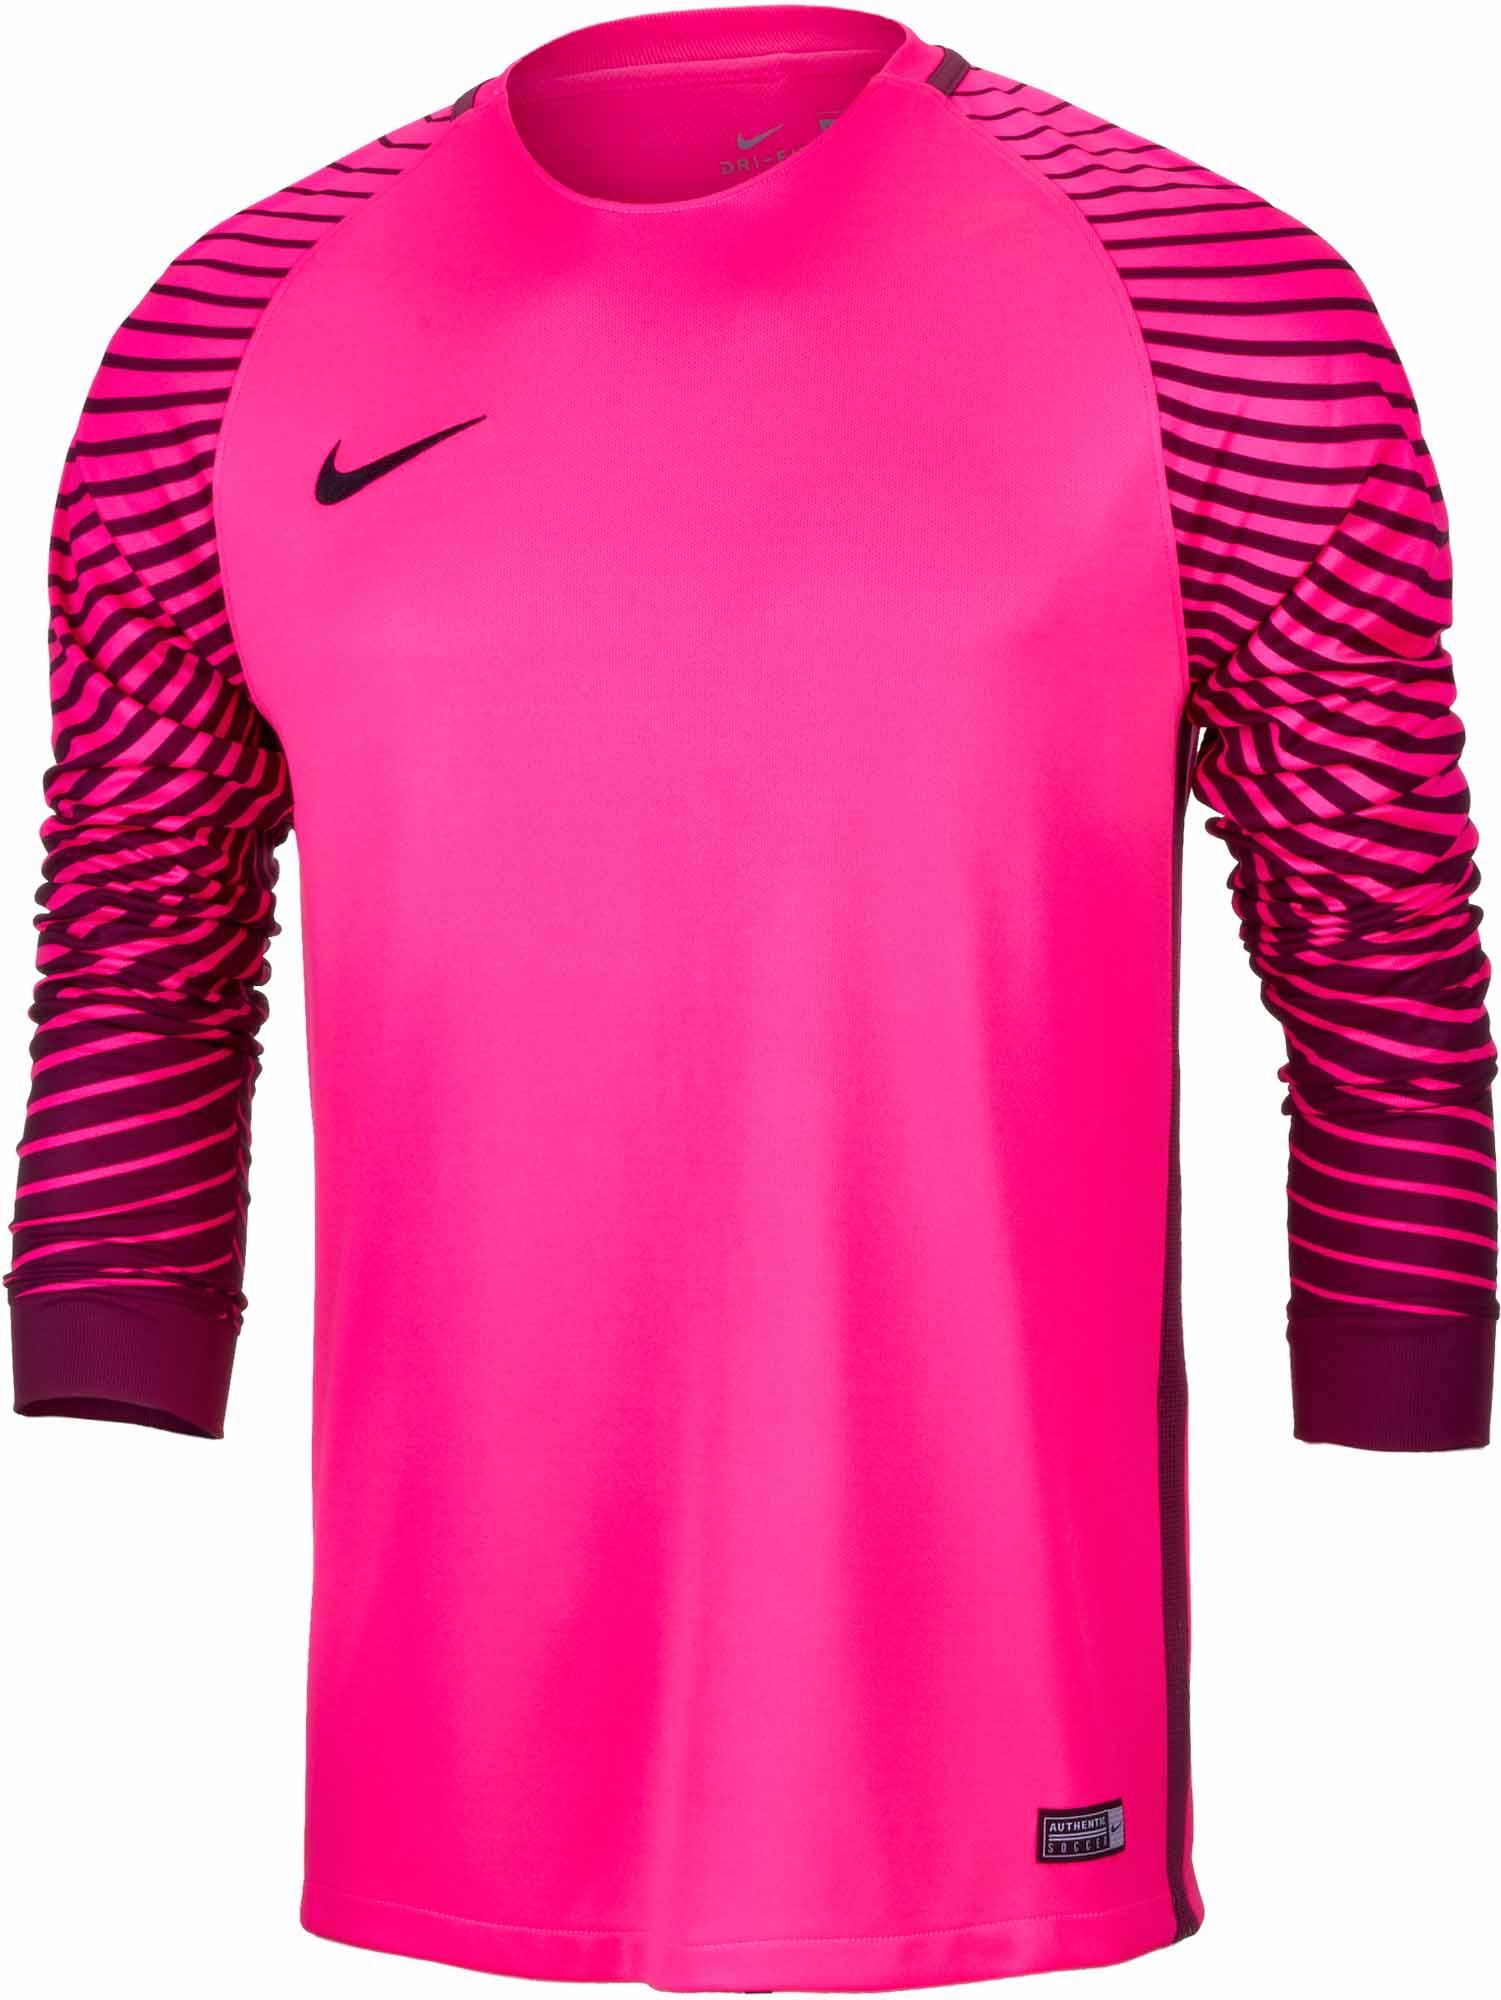 828d9f9f589 Nike Gardien Goalkeeper Jersey - Hyper Pink   Villain Red - Soccer ...